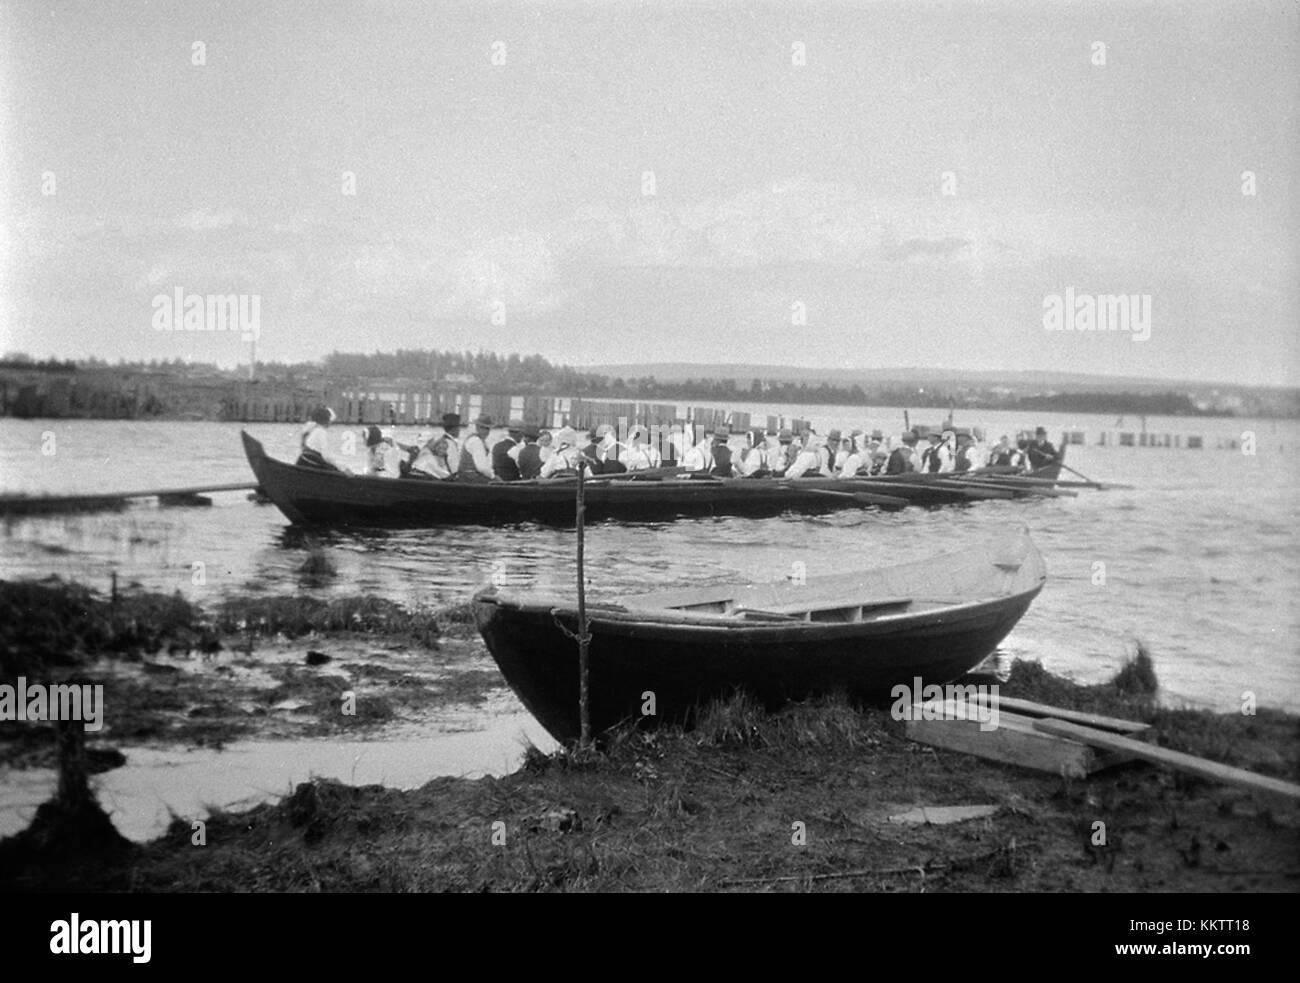 Church boat, Mora, Dalarna, Sweden (6999883529) - Stock Image